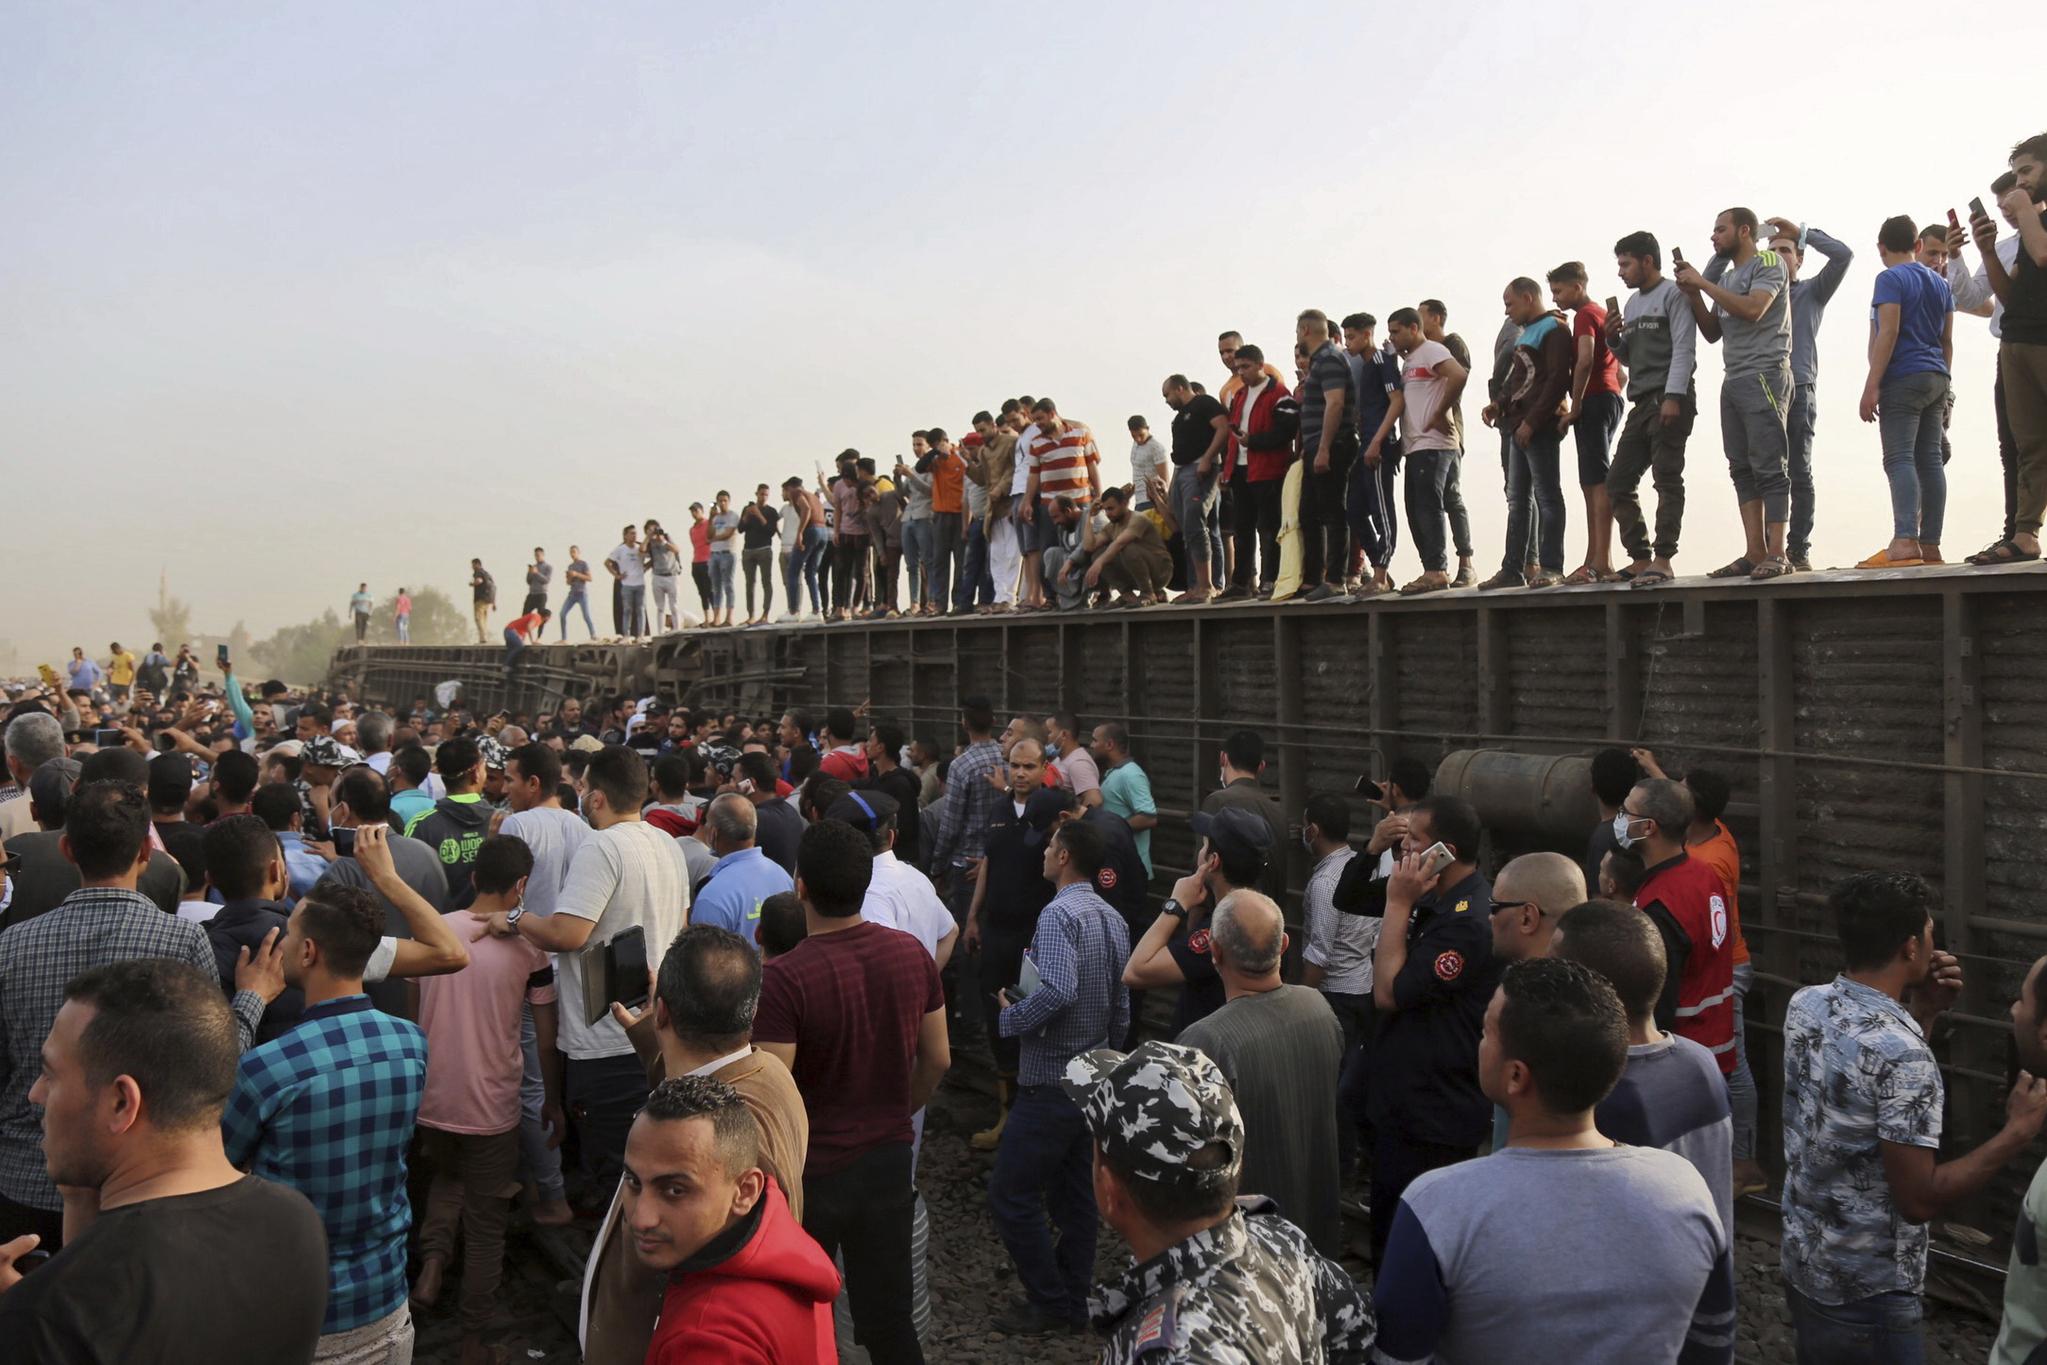 최소 8량의 객차가 탈선한 이집트 열차 사고 현장. 주민들이 옆으로 누운 객차 위에 올라가 일부는 휴대폰으로 사진을 촬영하고 있다. AP=연합뉴스